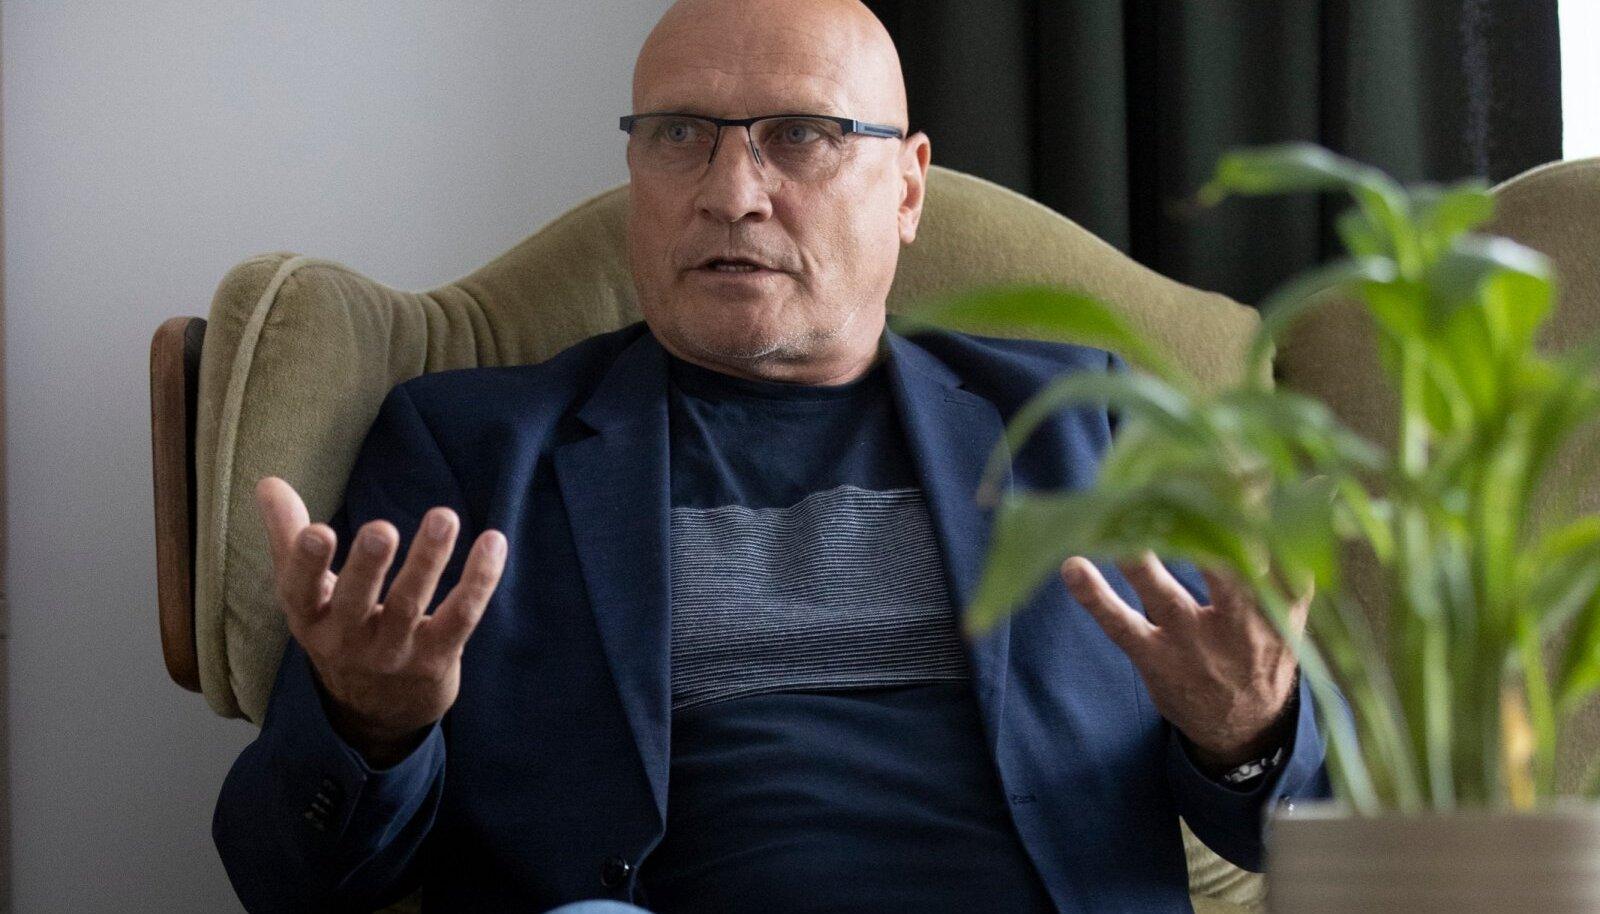 """""""Järjest hakkas tekkima karjääripoliitikuid, kes tegelikult võitlevad oma koha ja positsiooni eest, tehes oma nelja aasta plaane ja Rakvere hakkas tahaplaanile jääma. See teeb päris Rakvere patrioodile haiget,"""" ütles Eesti 200 linnapeakandidaat Rainer Miltop."""